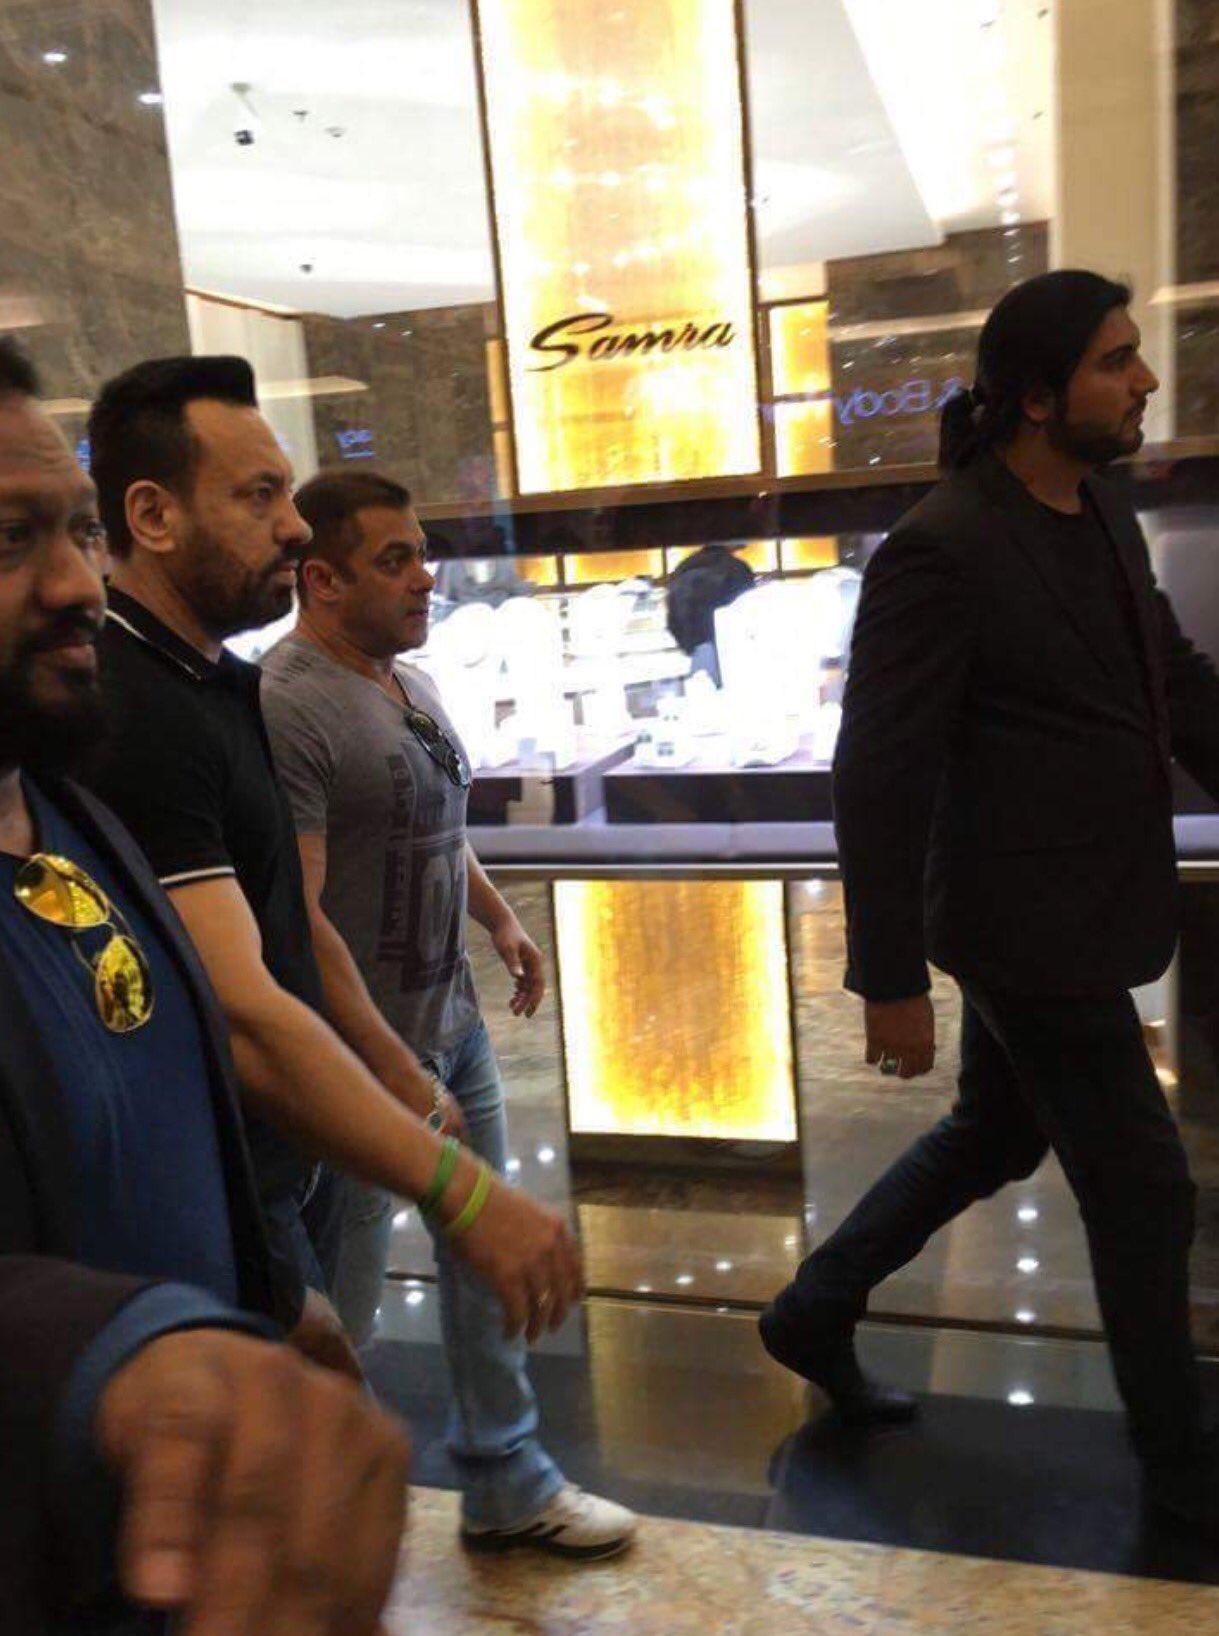 السلطان #سلمان_خان في محل الذهب في #دبي 💕 https://t.co/3DIdySdxne